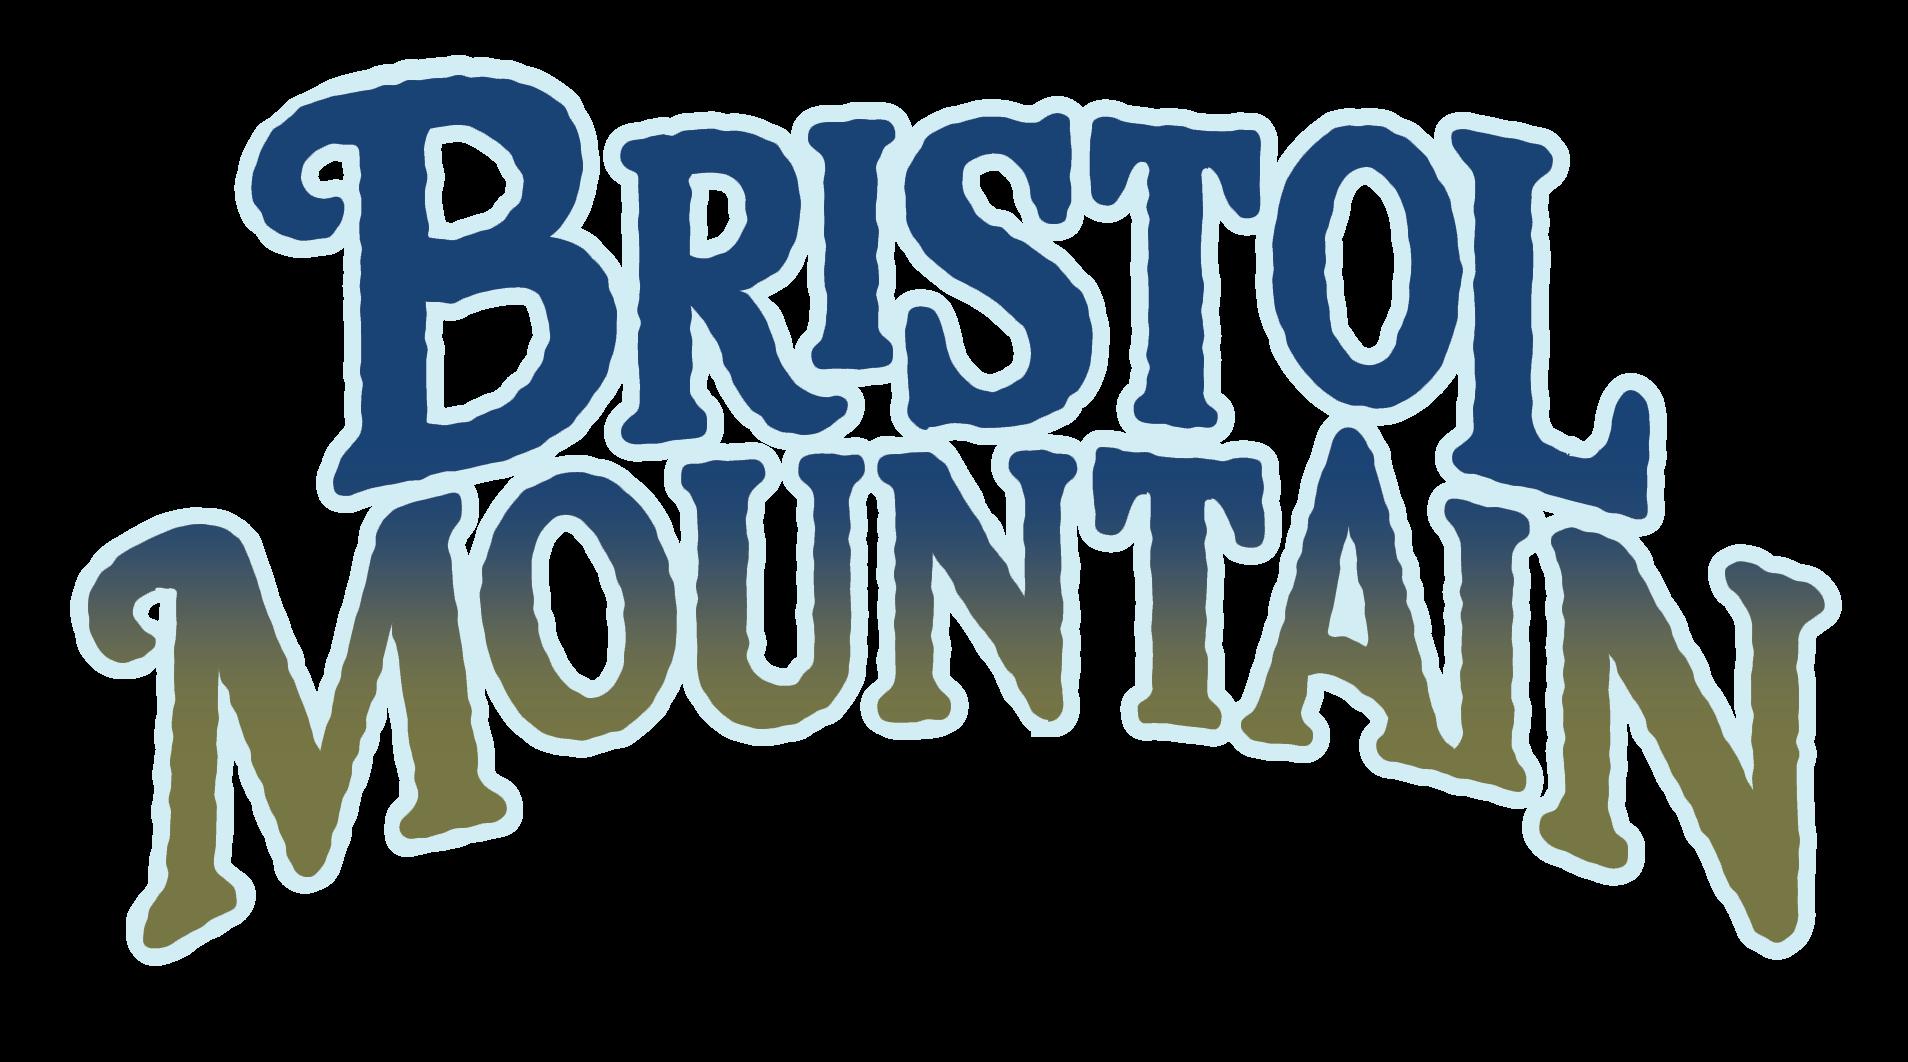 Bristol Mountain